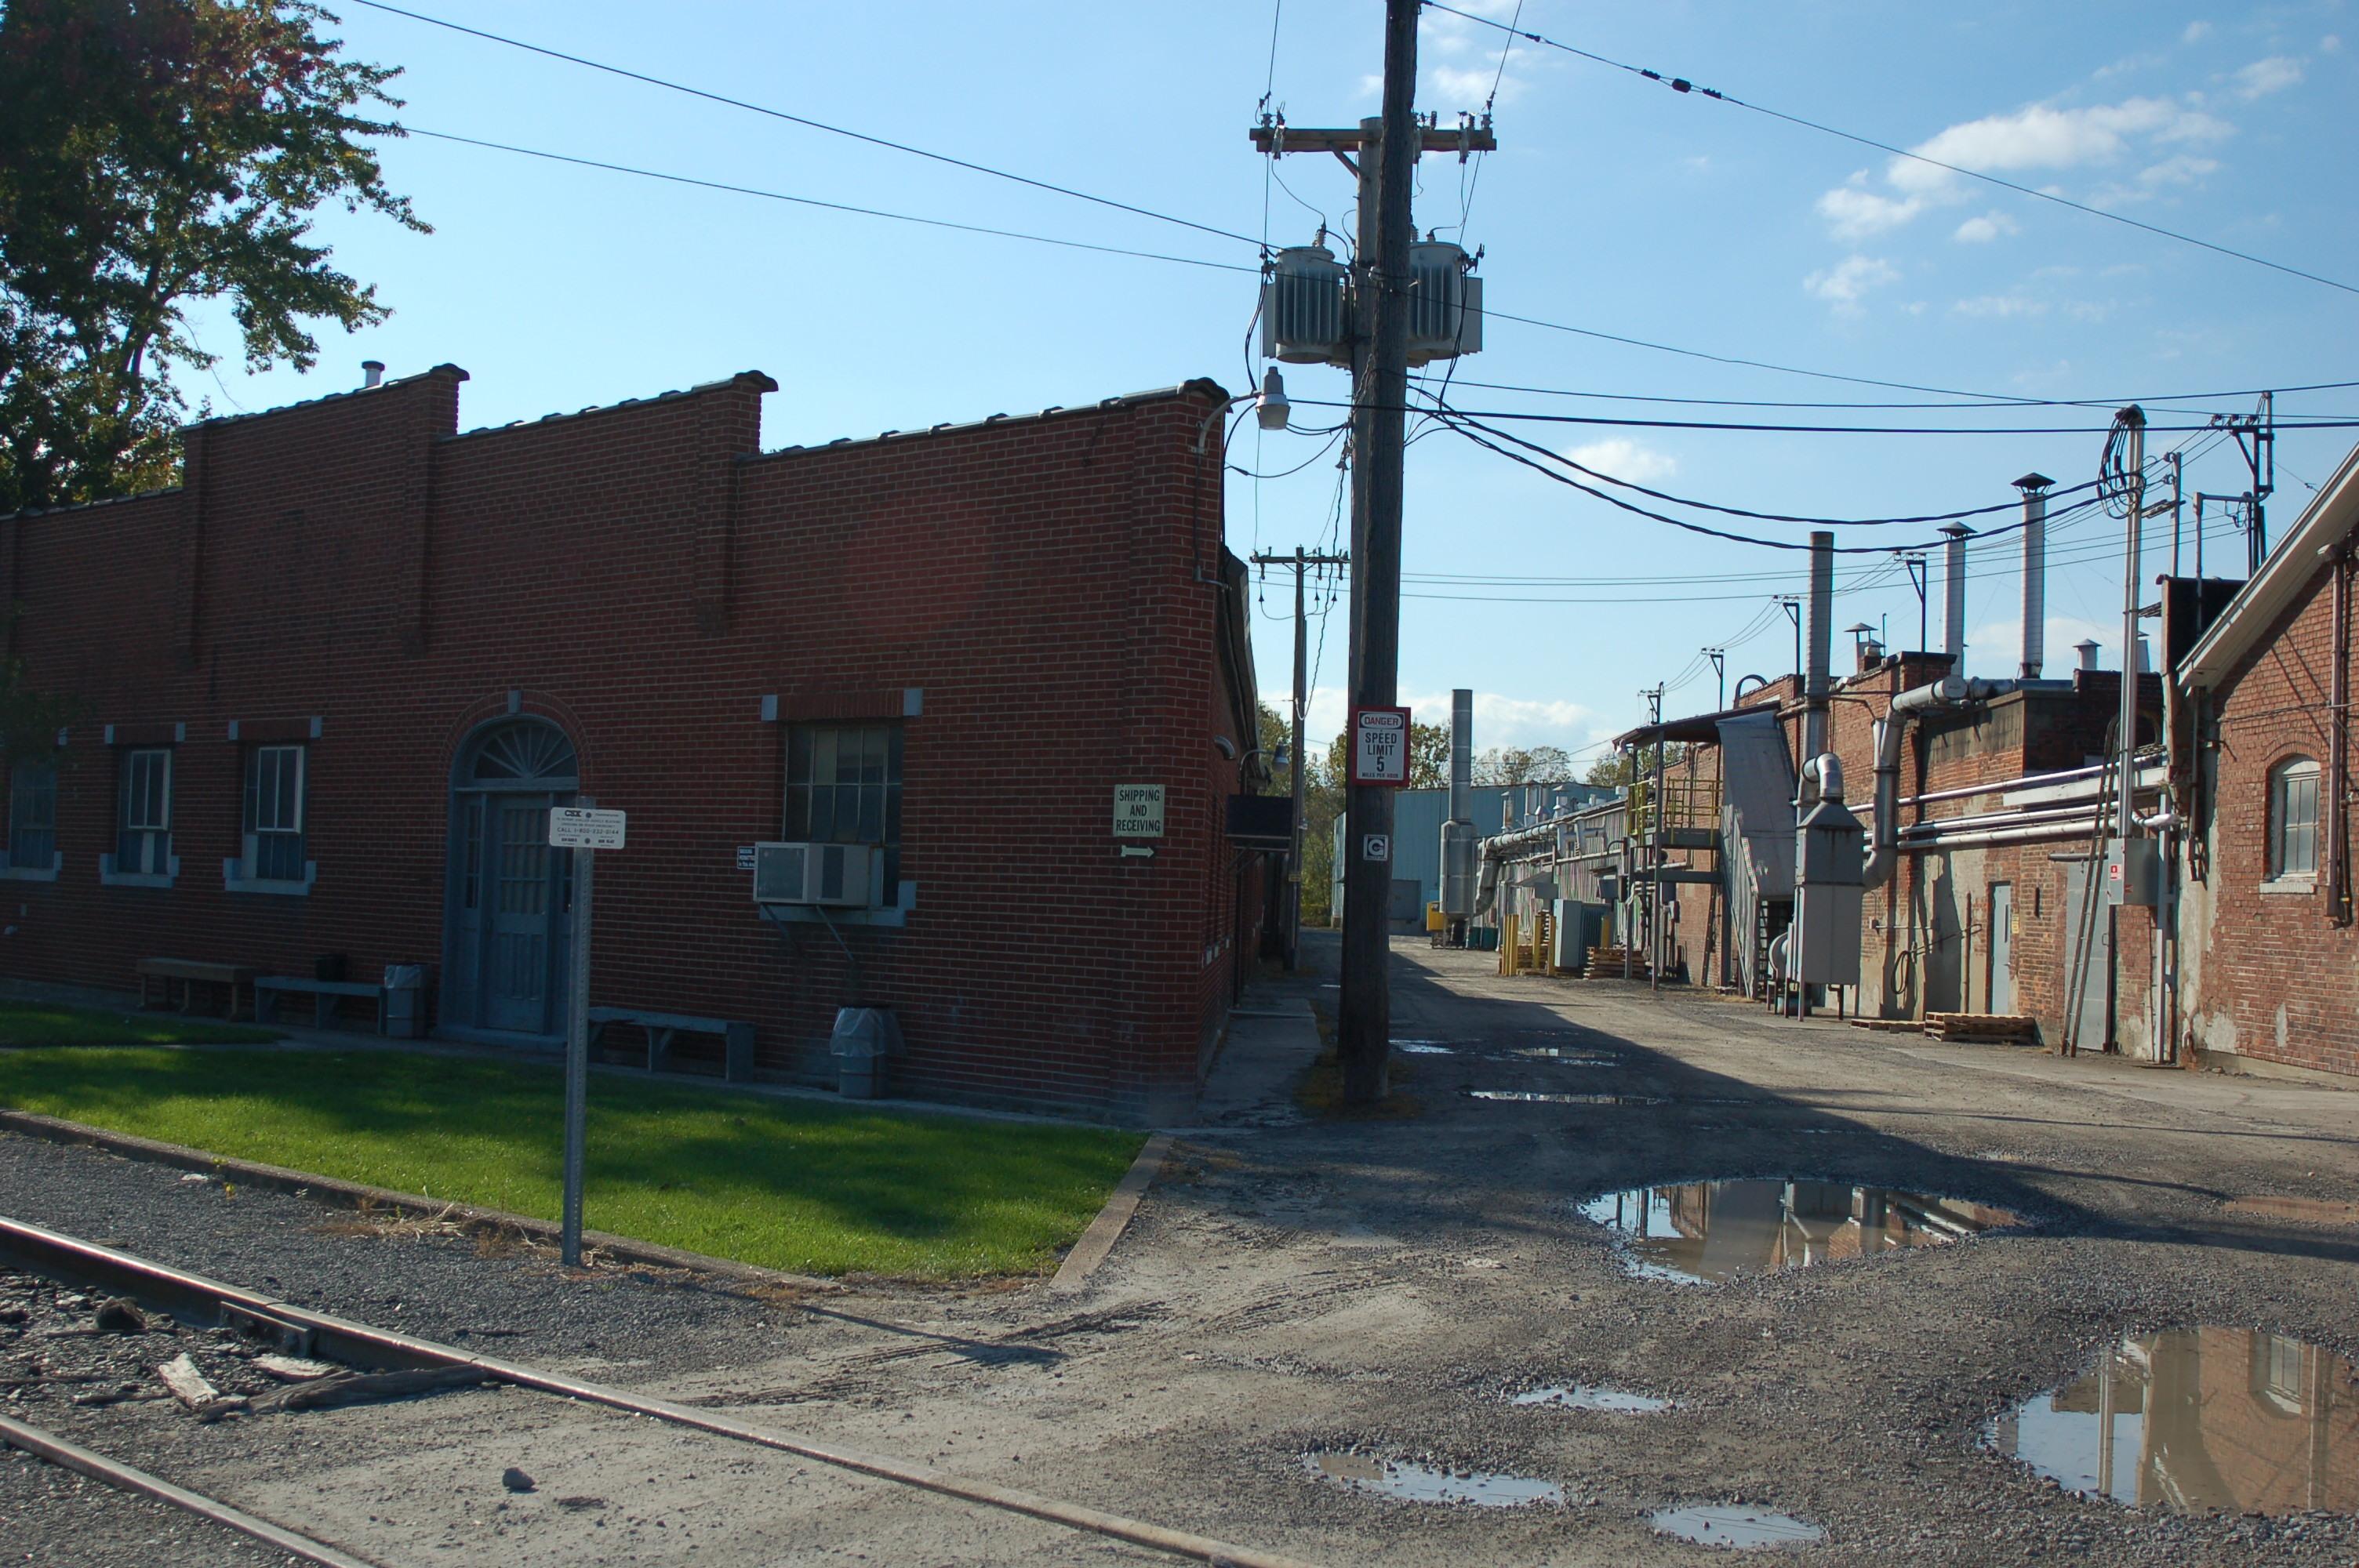 1174 Erie Ave, photo 2 (2008).jpg